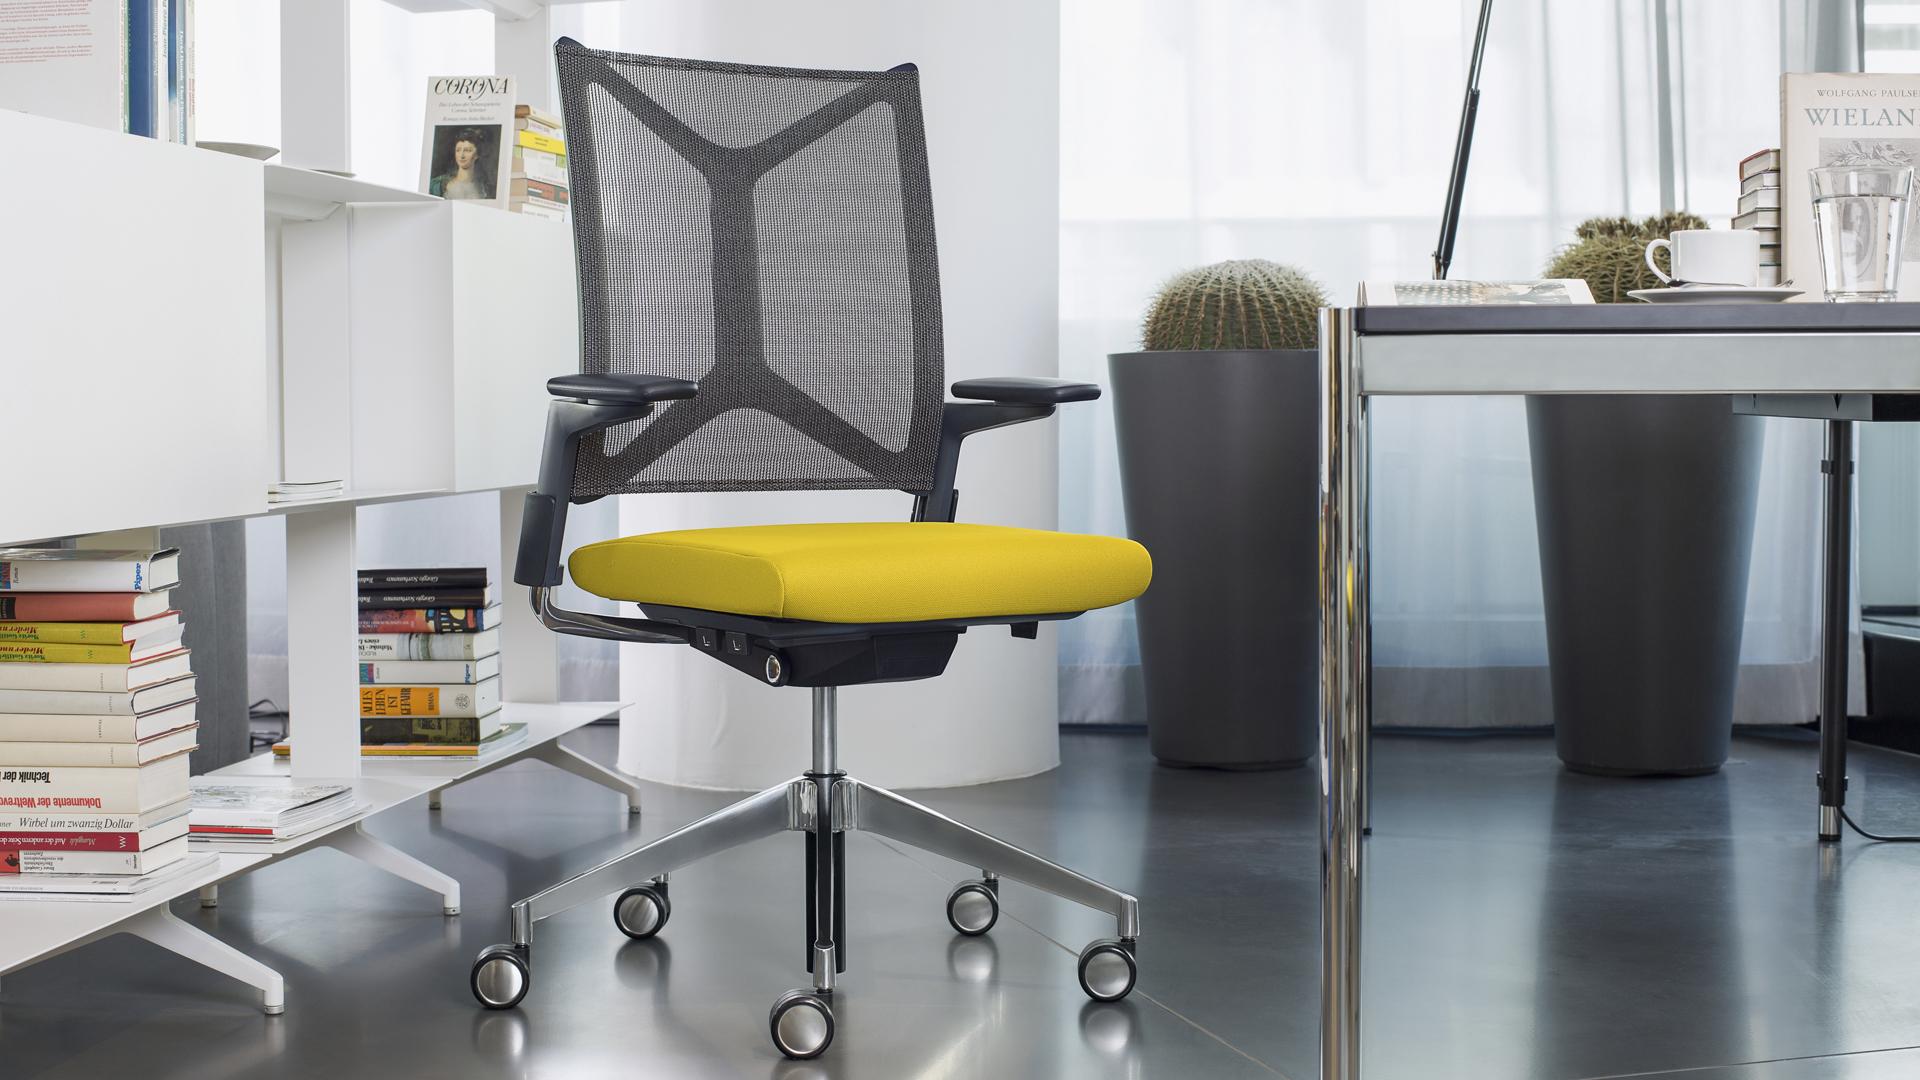 girsberger camiro 001 - Girsberger Office Seating